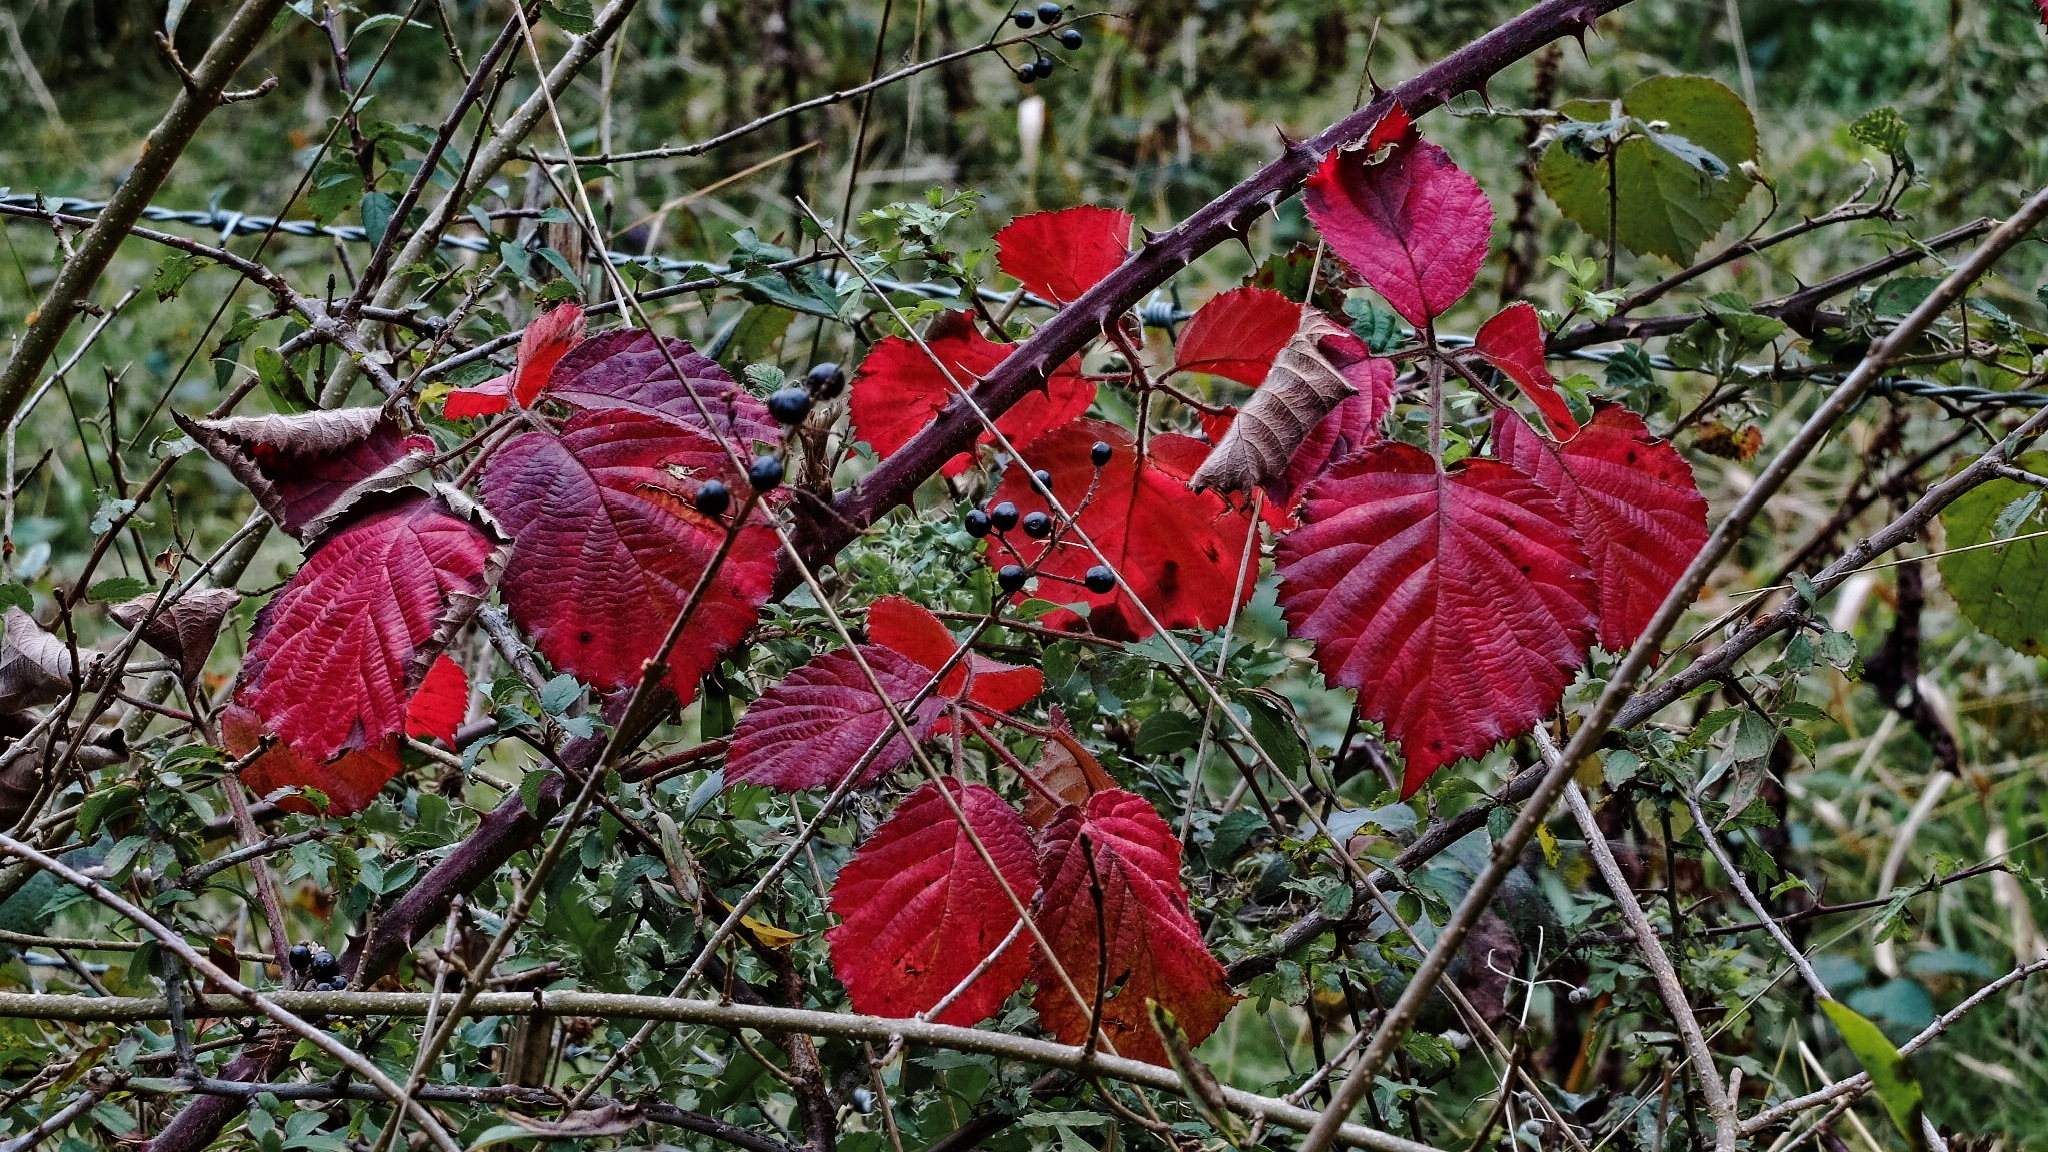 Autumn Bramble by Keith Patrak